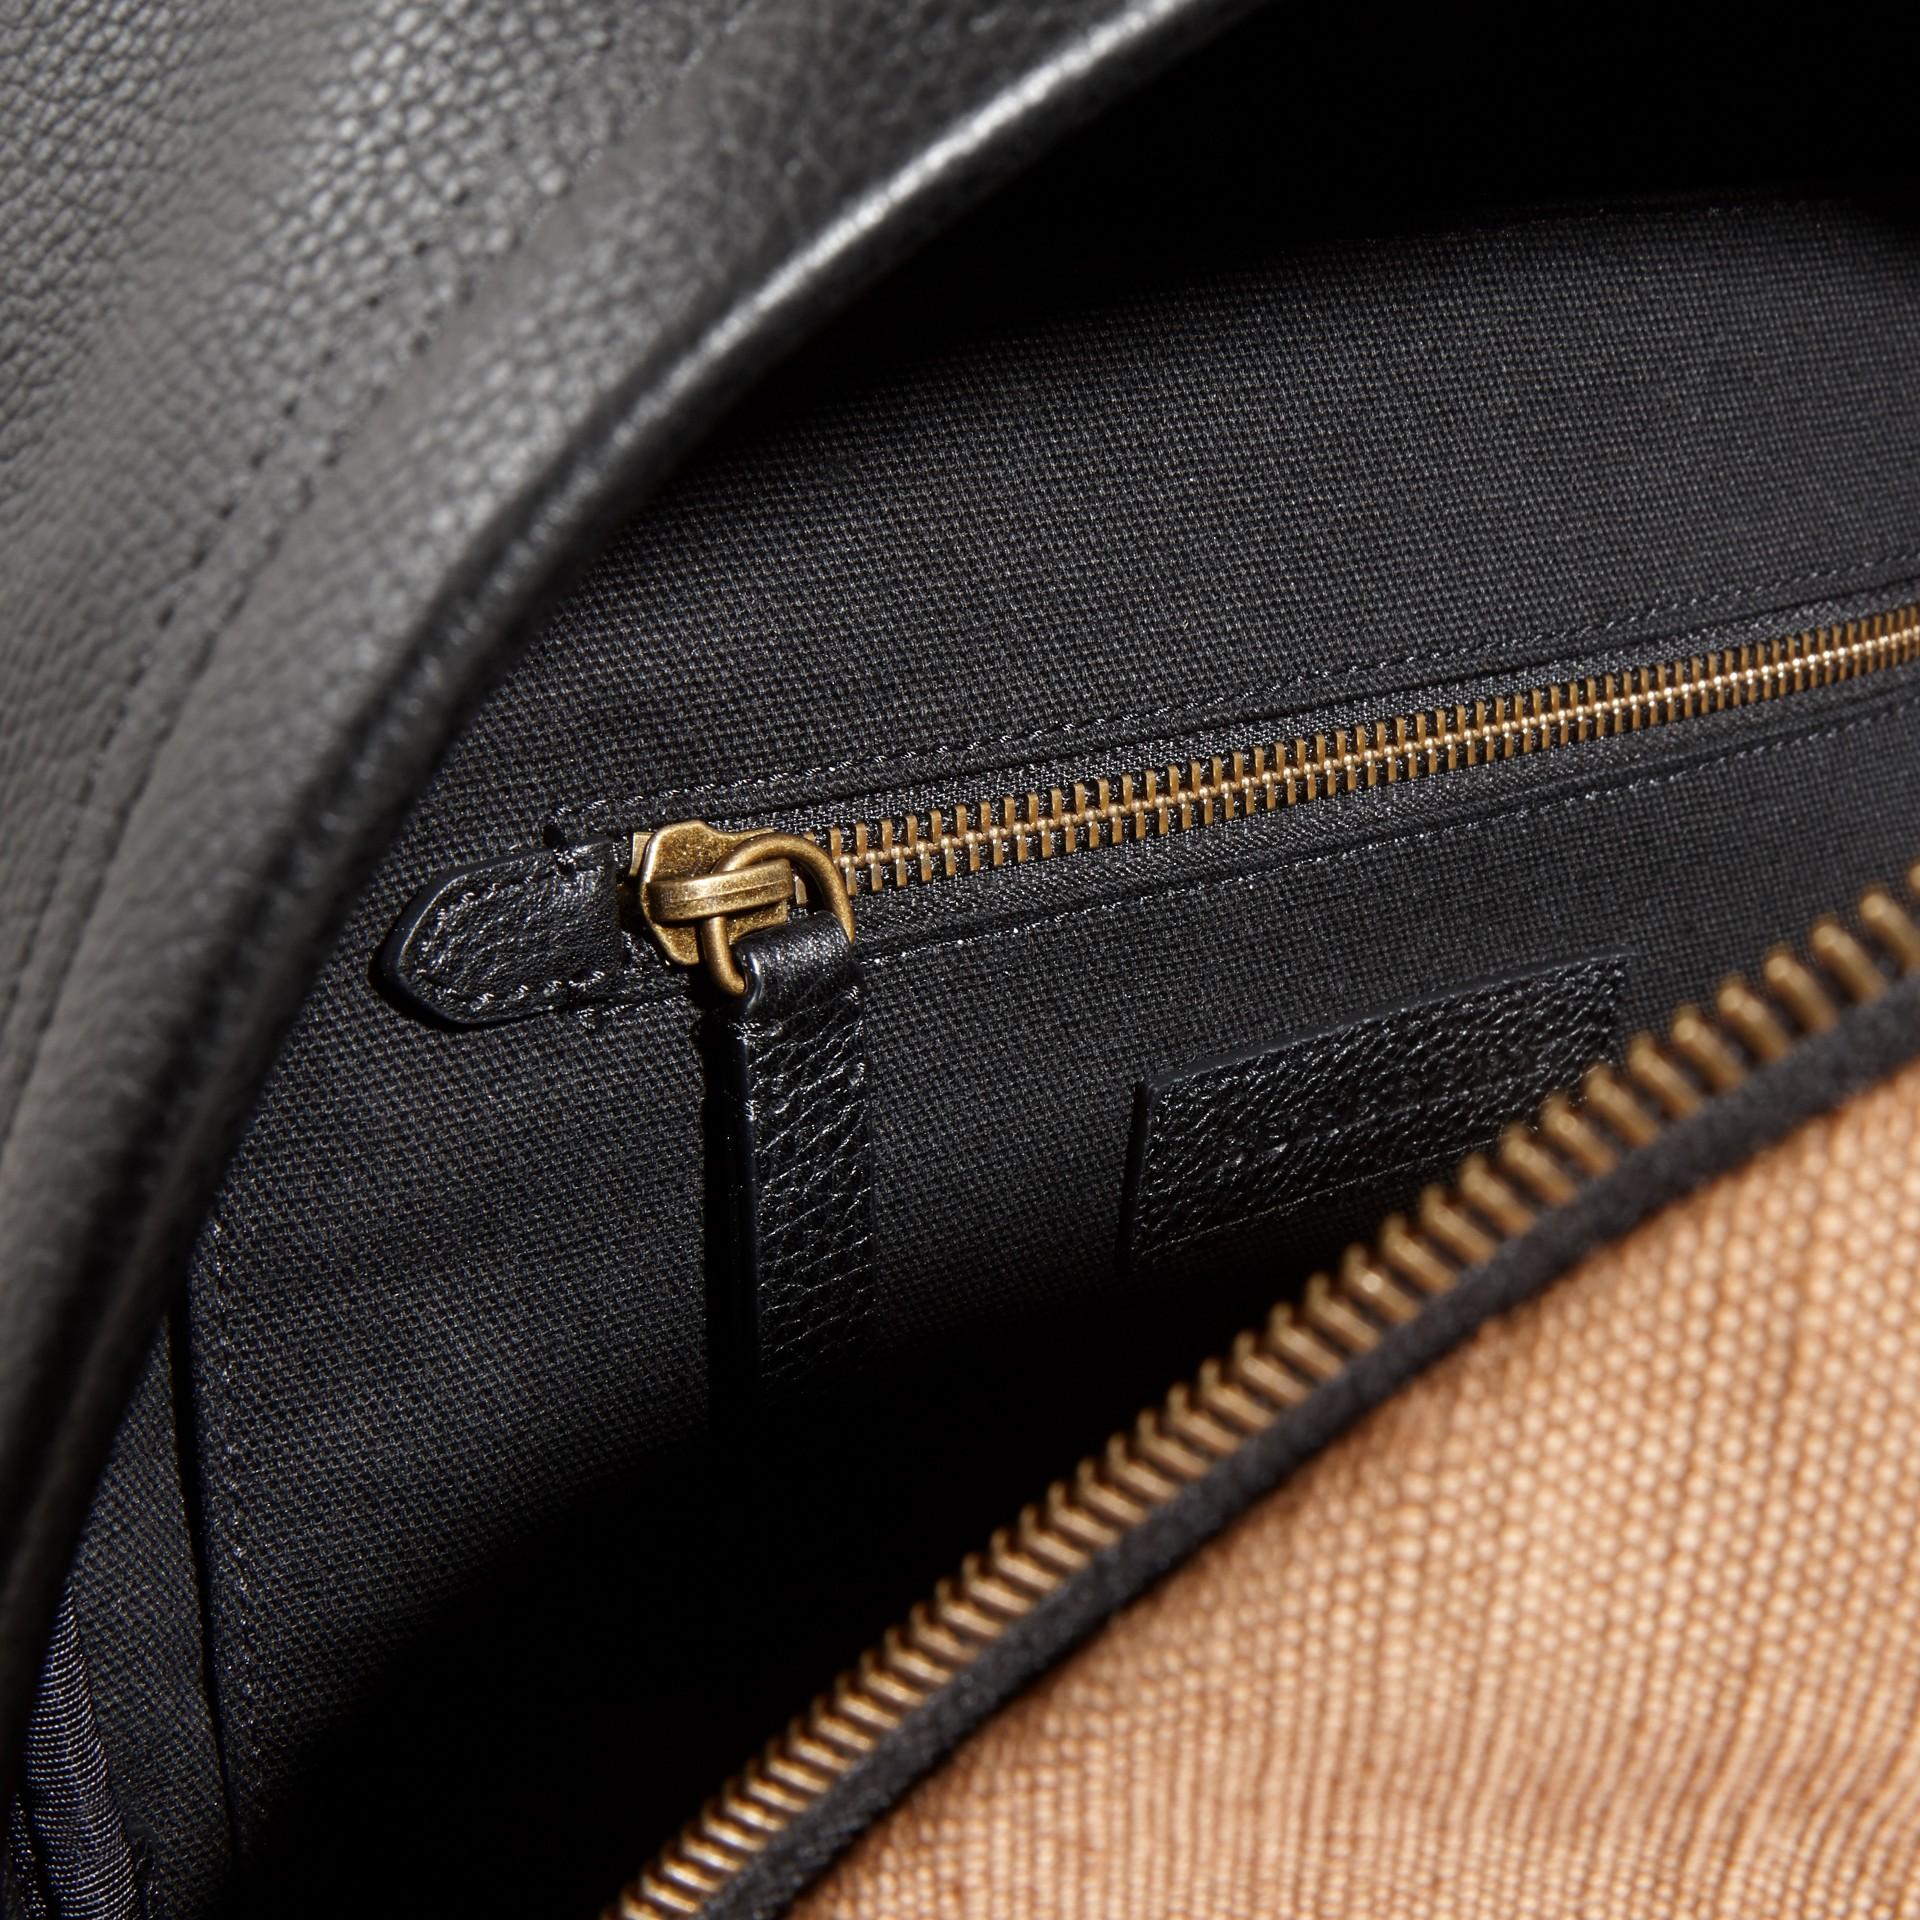 Schwarz Rucksack aus Canvas Check-Gewebe mit Lederbesatz - Galerie-Bild 5